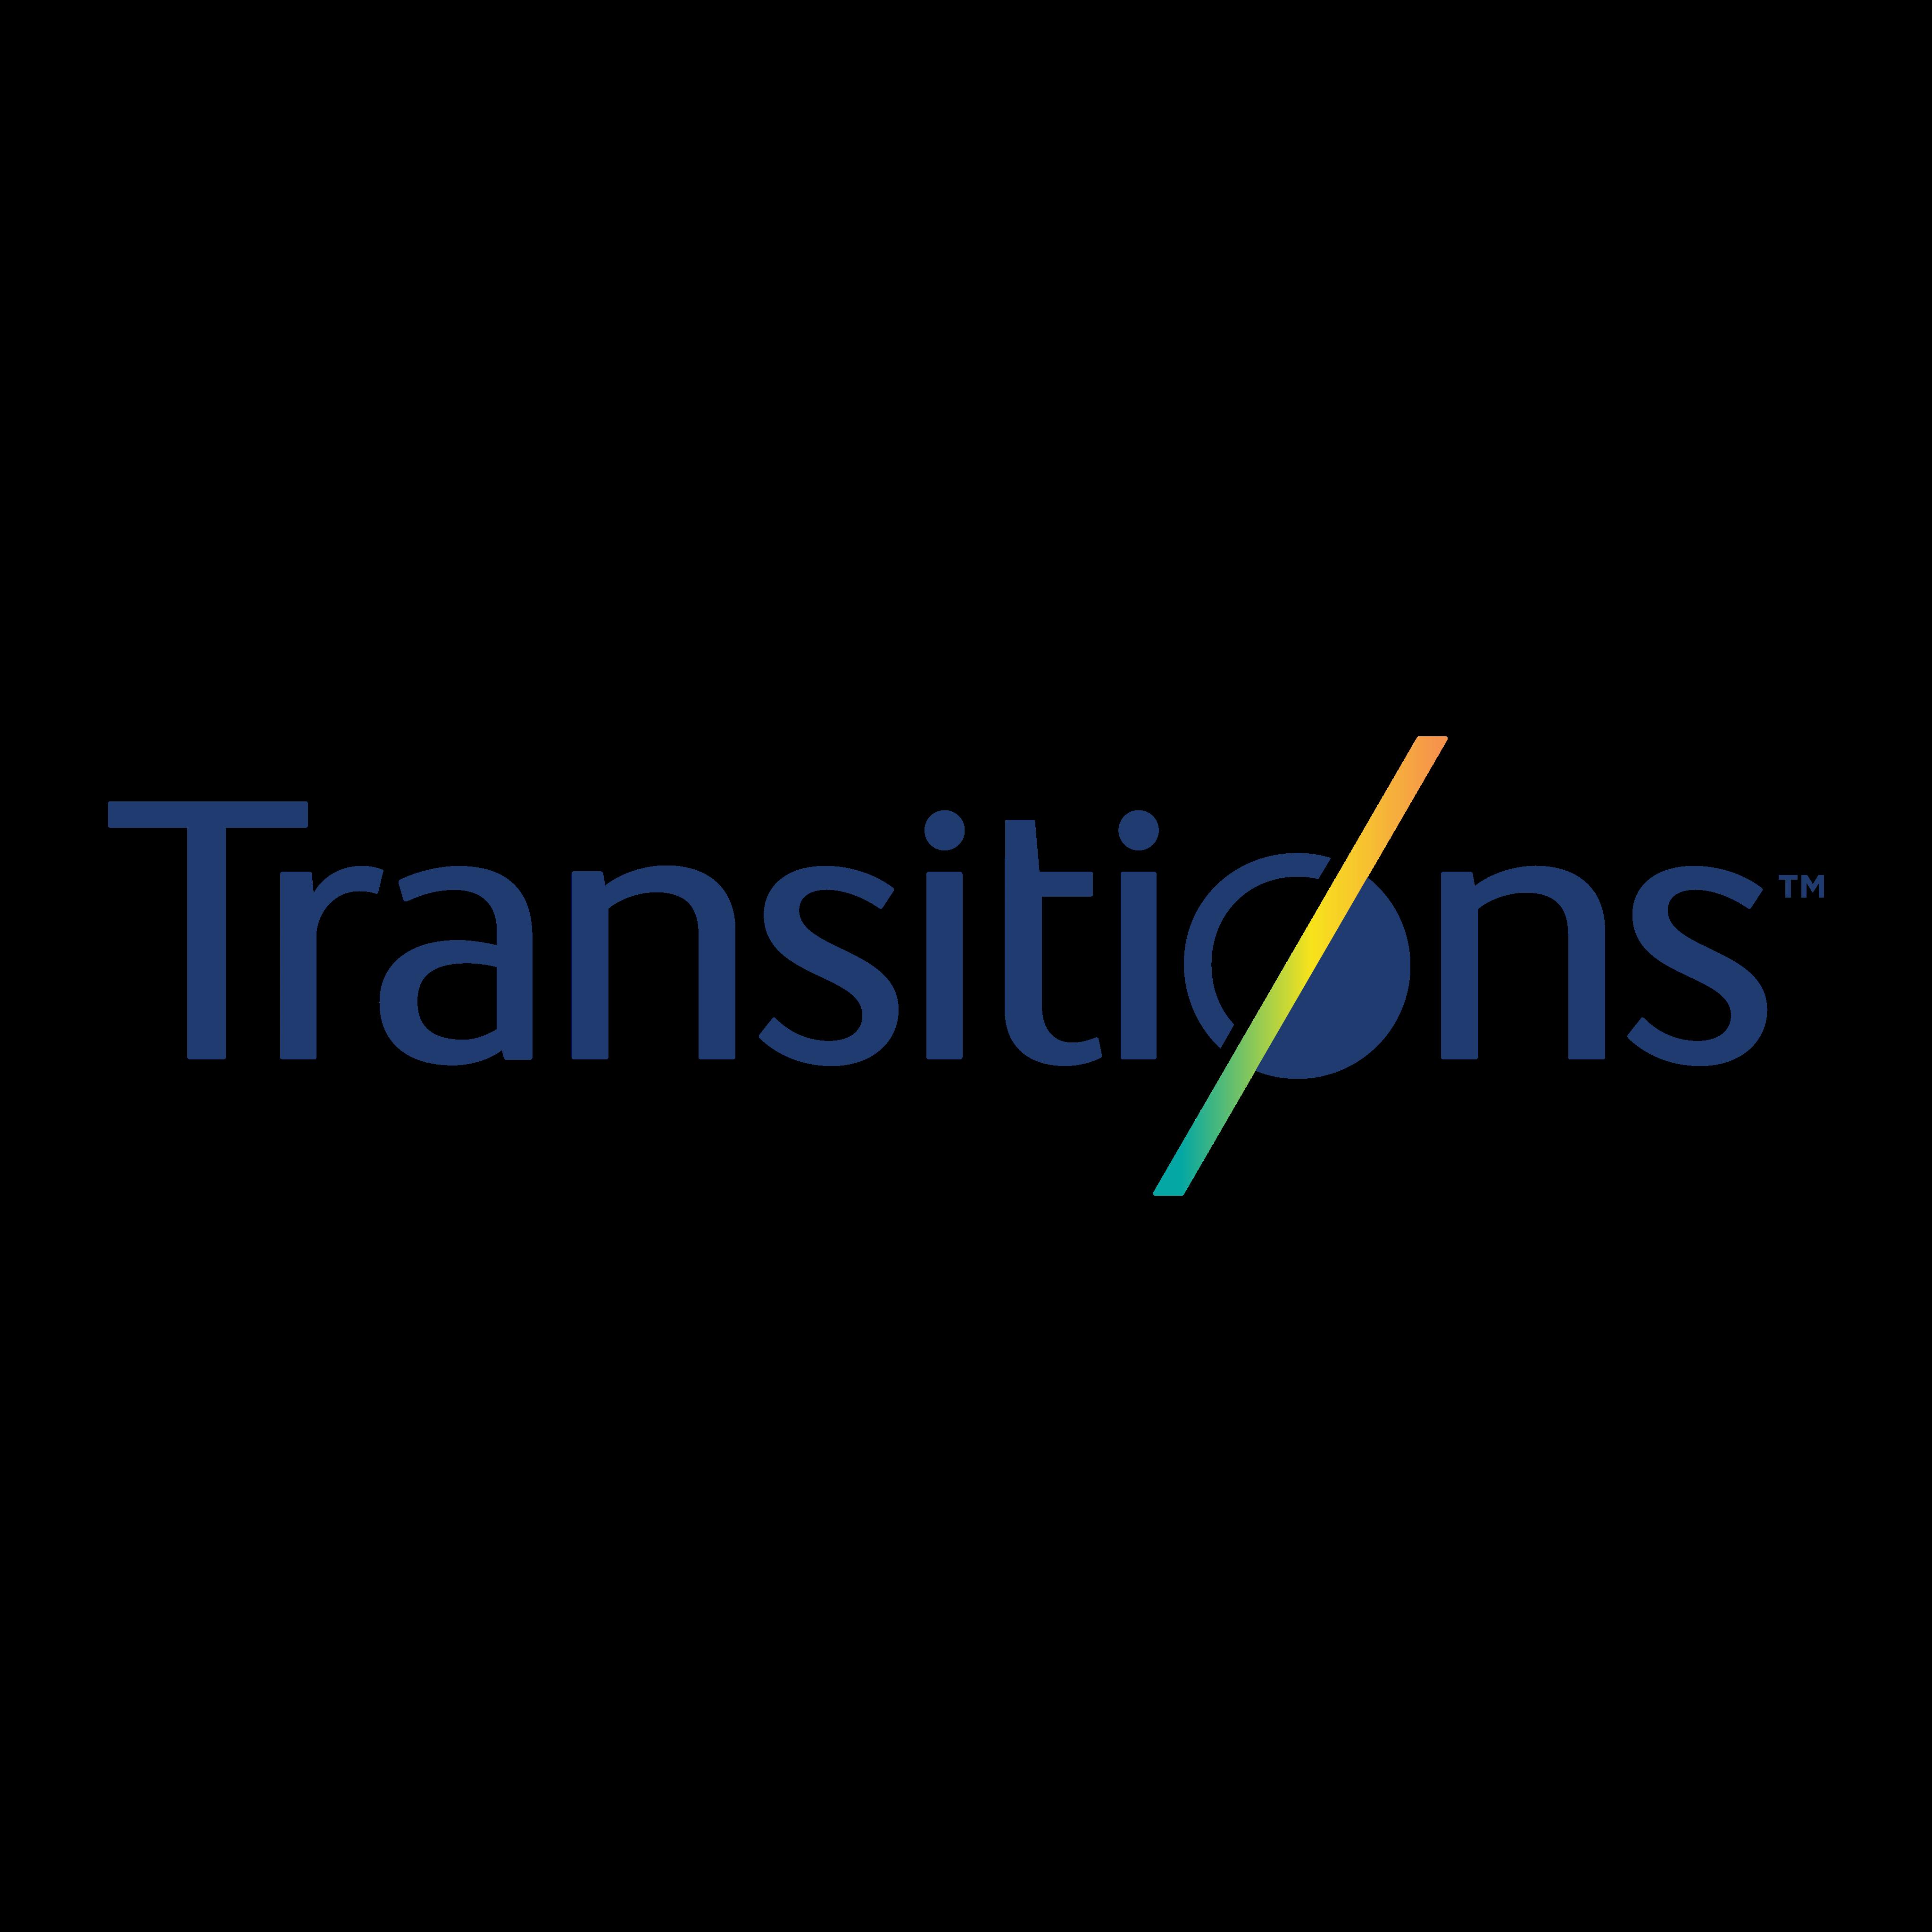 transitions logo 0 - Transitions Logo